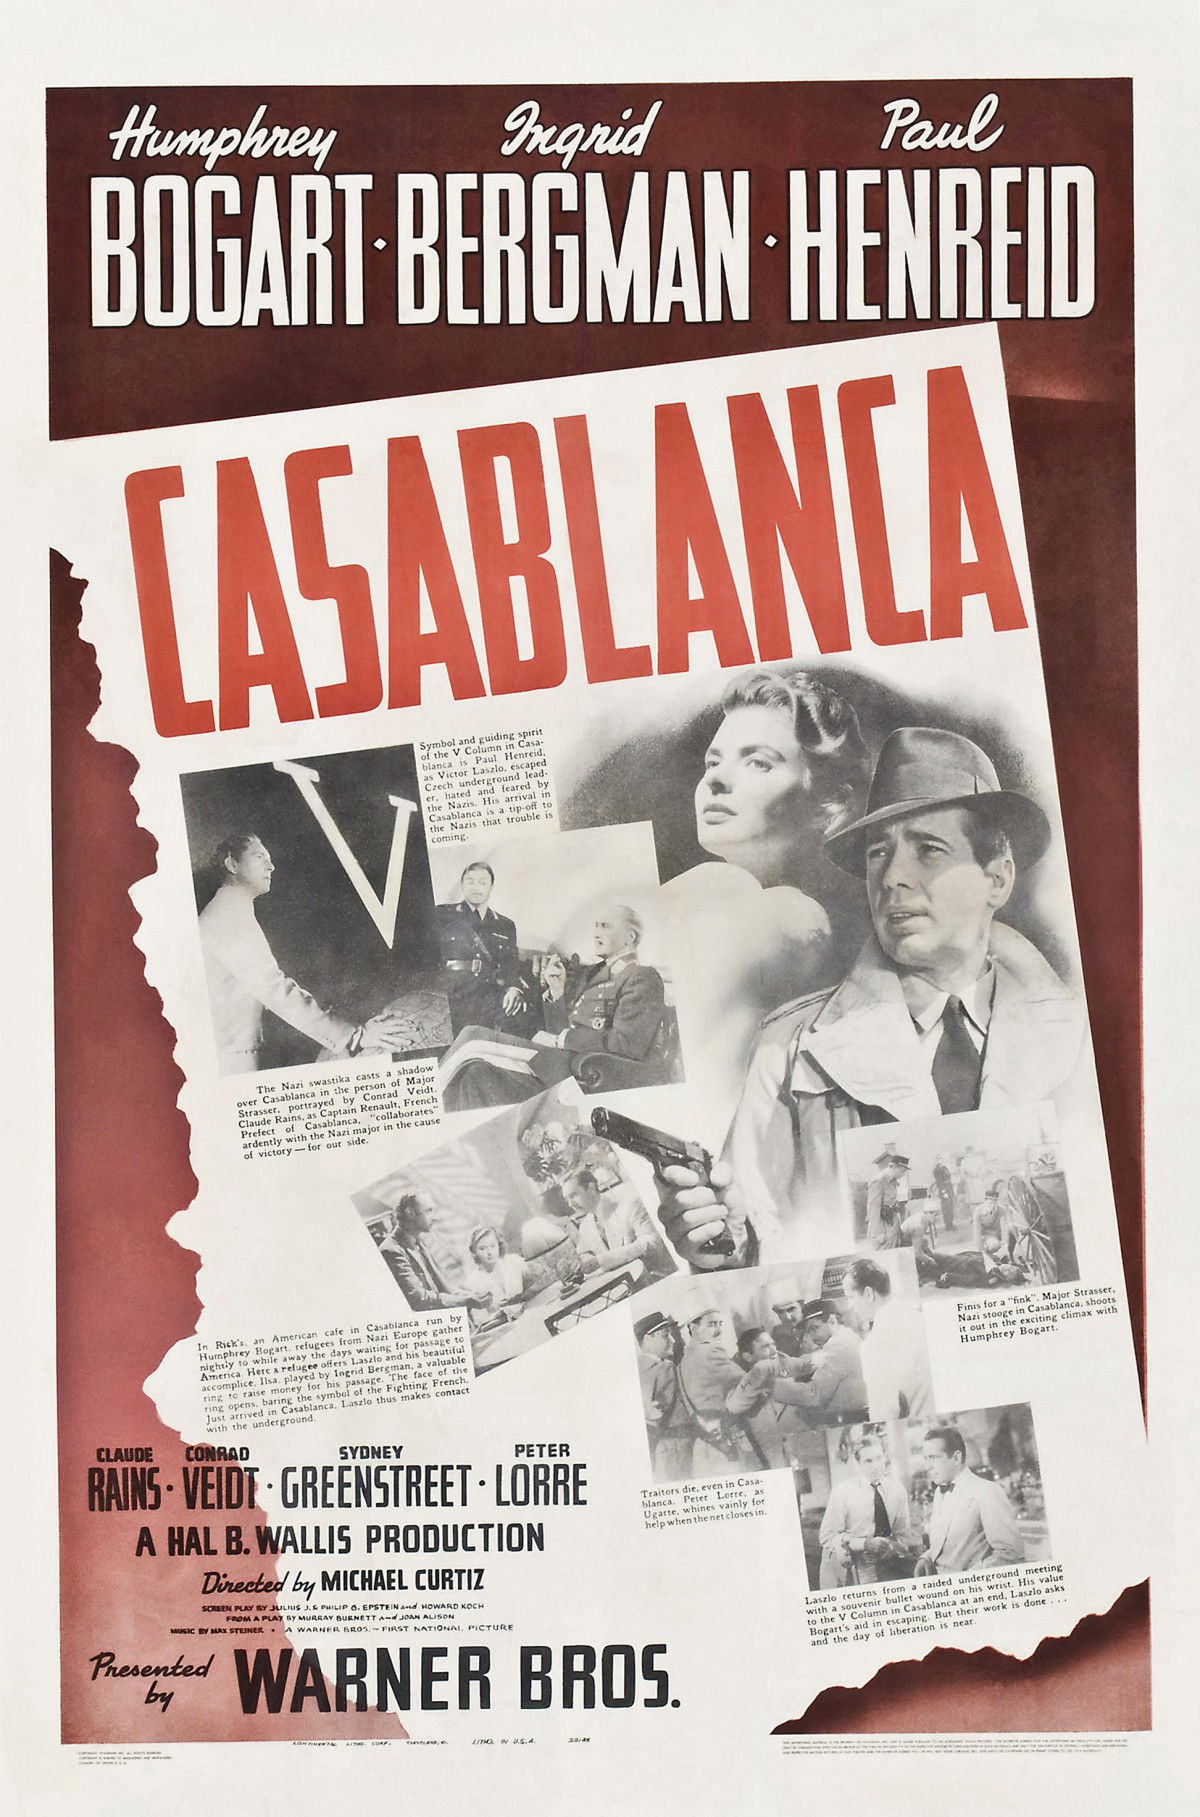 68. Casablanca (1942)